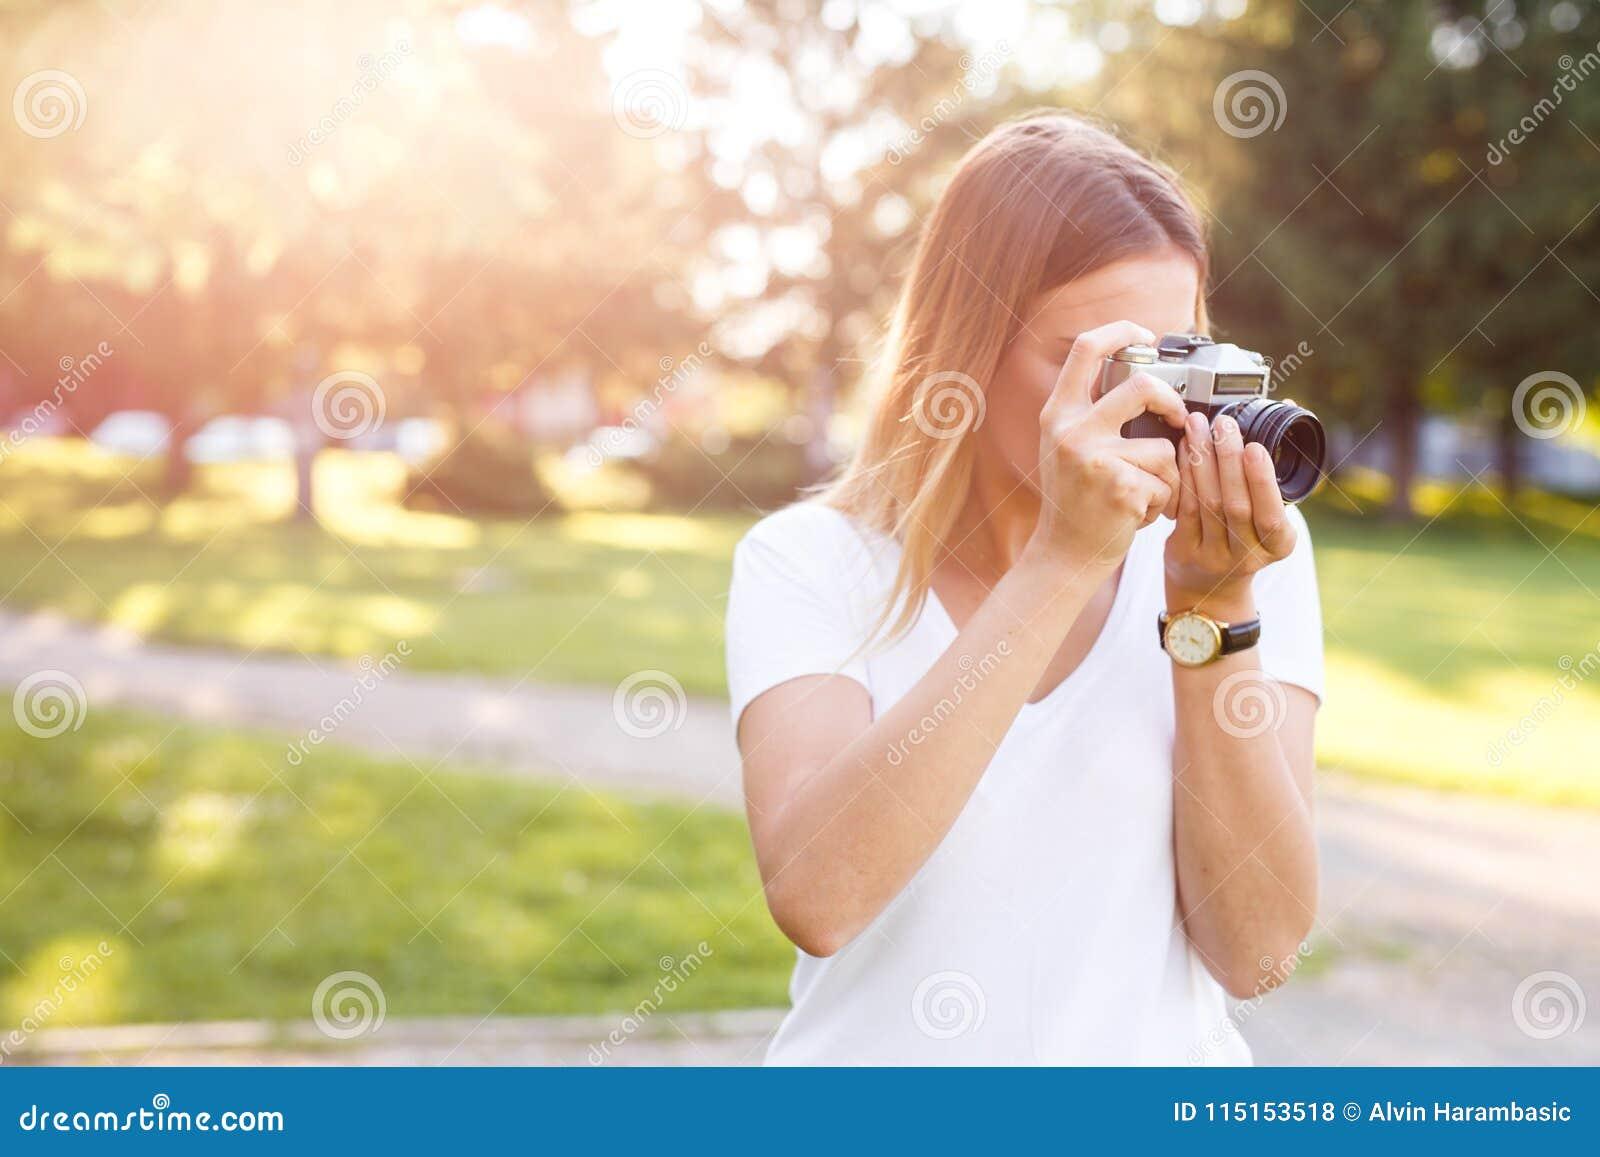 Den gulliga flickan på solig dag i parkering som tar foto med motsvarighet, kom